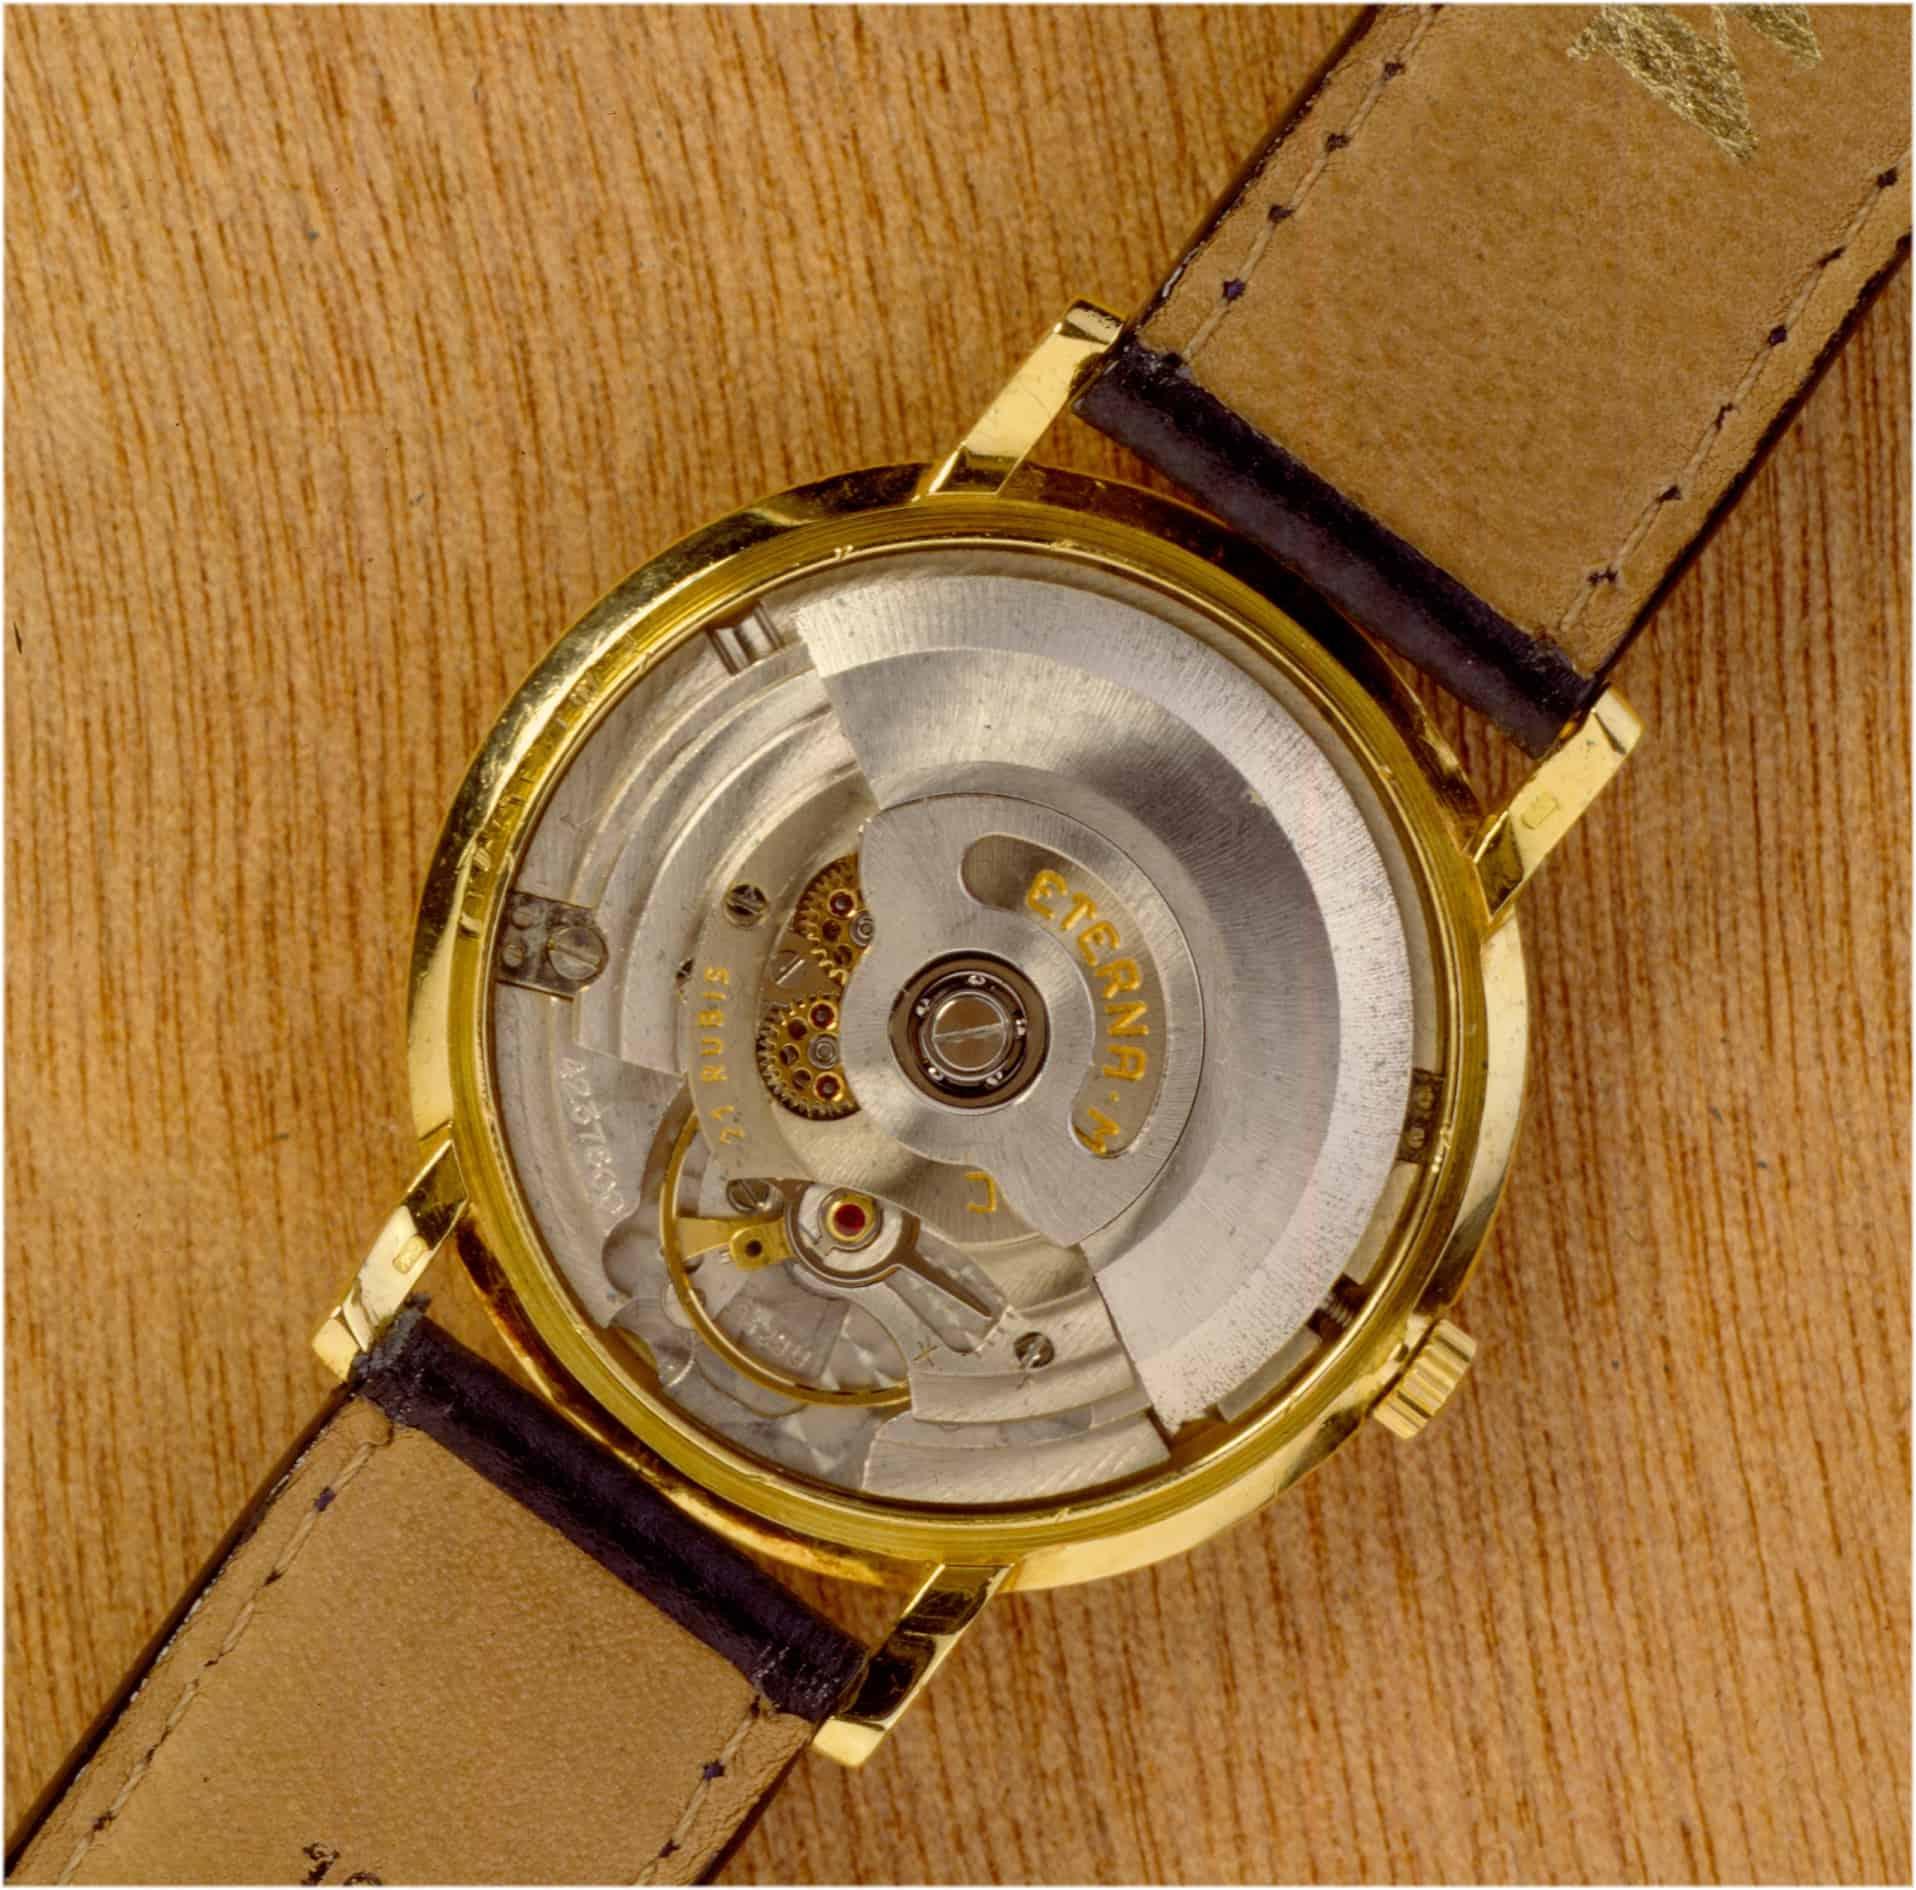 Das von Heinrich Stamm und seinem Eterna Team entwickelte Kaliber 1429U mit 2,5 Hertz Bild Uhrenkosmos